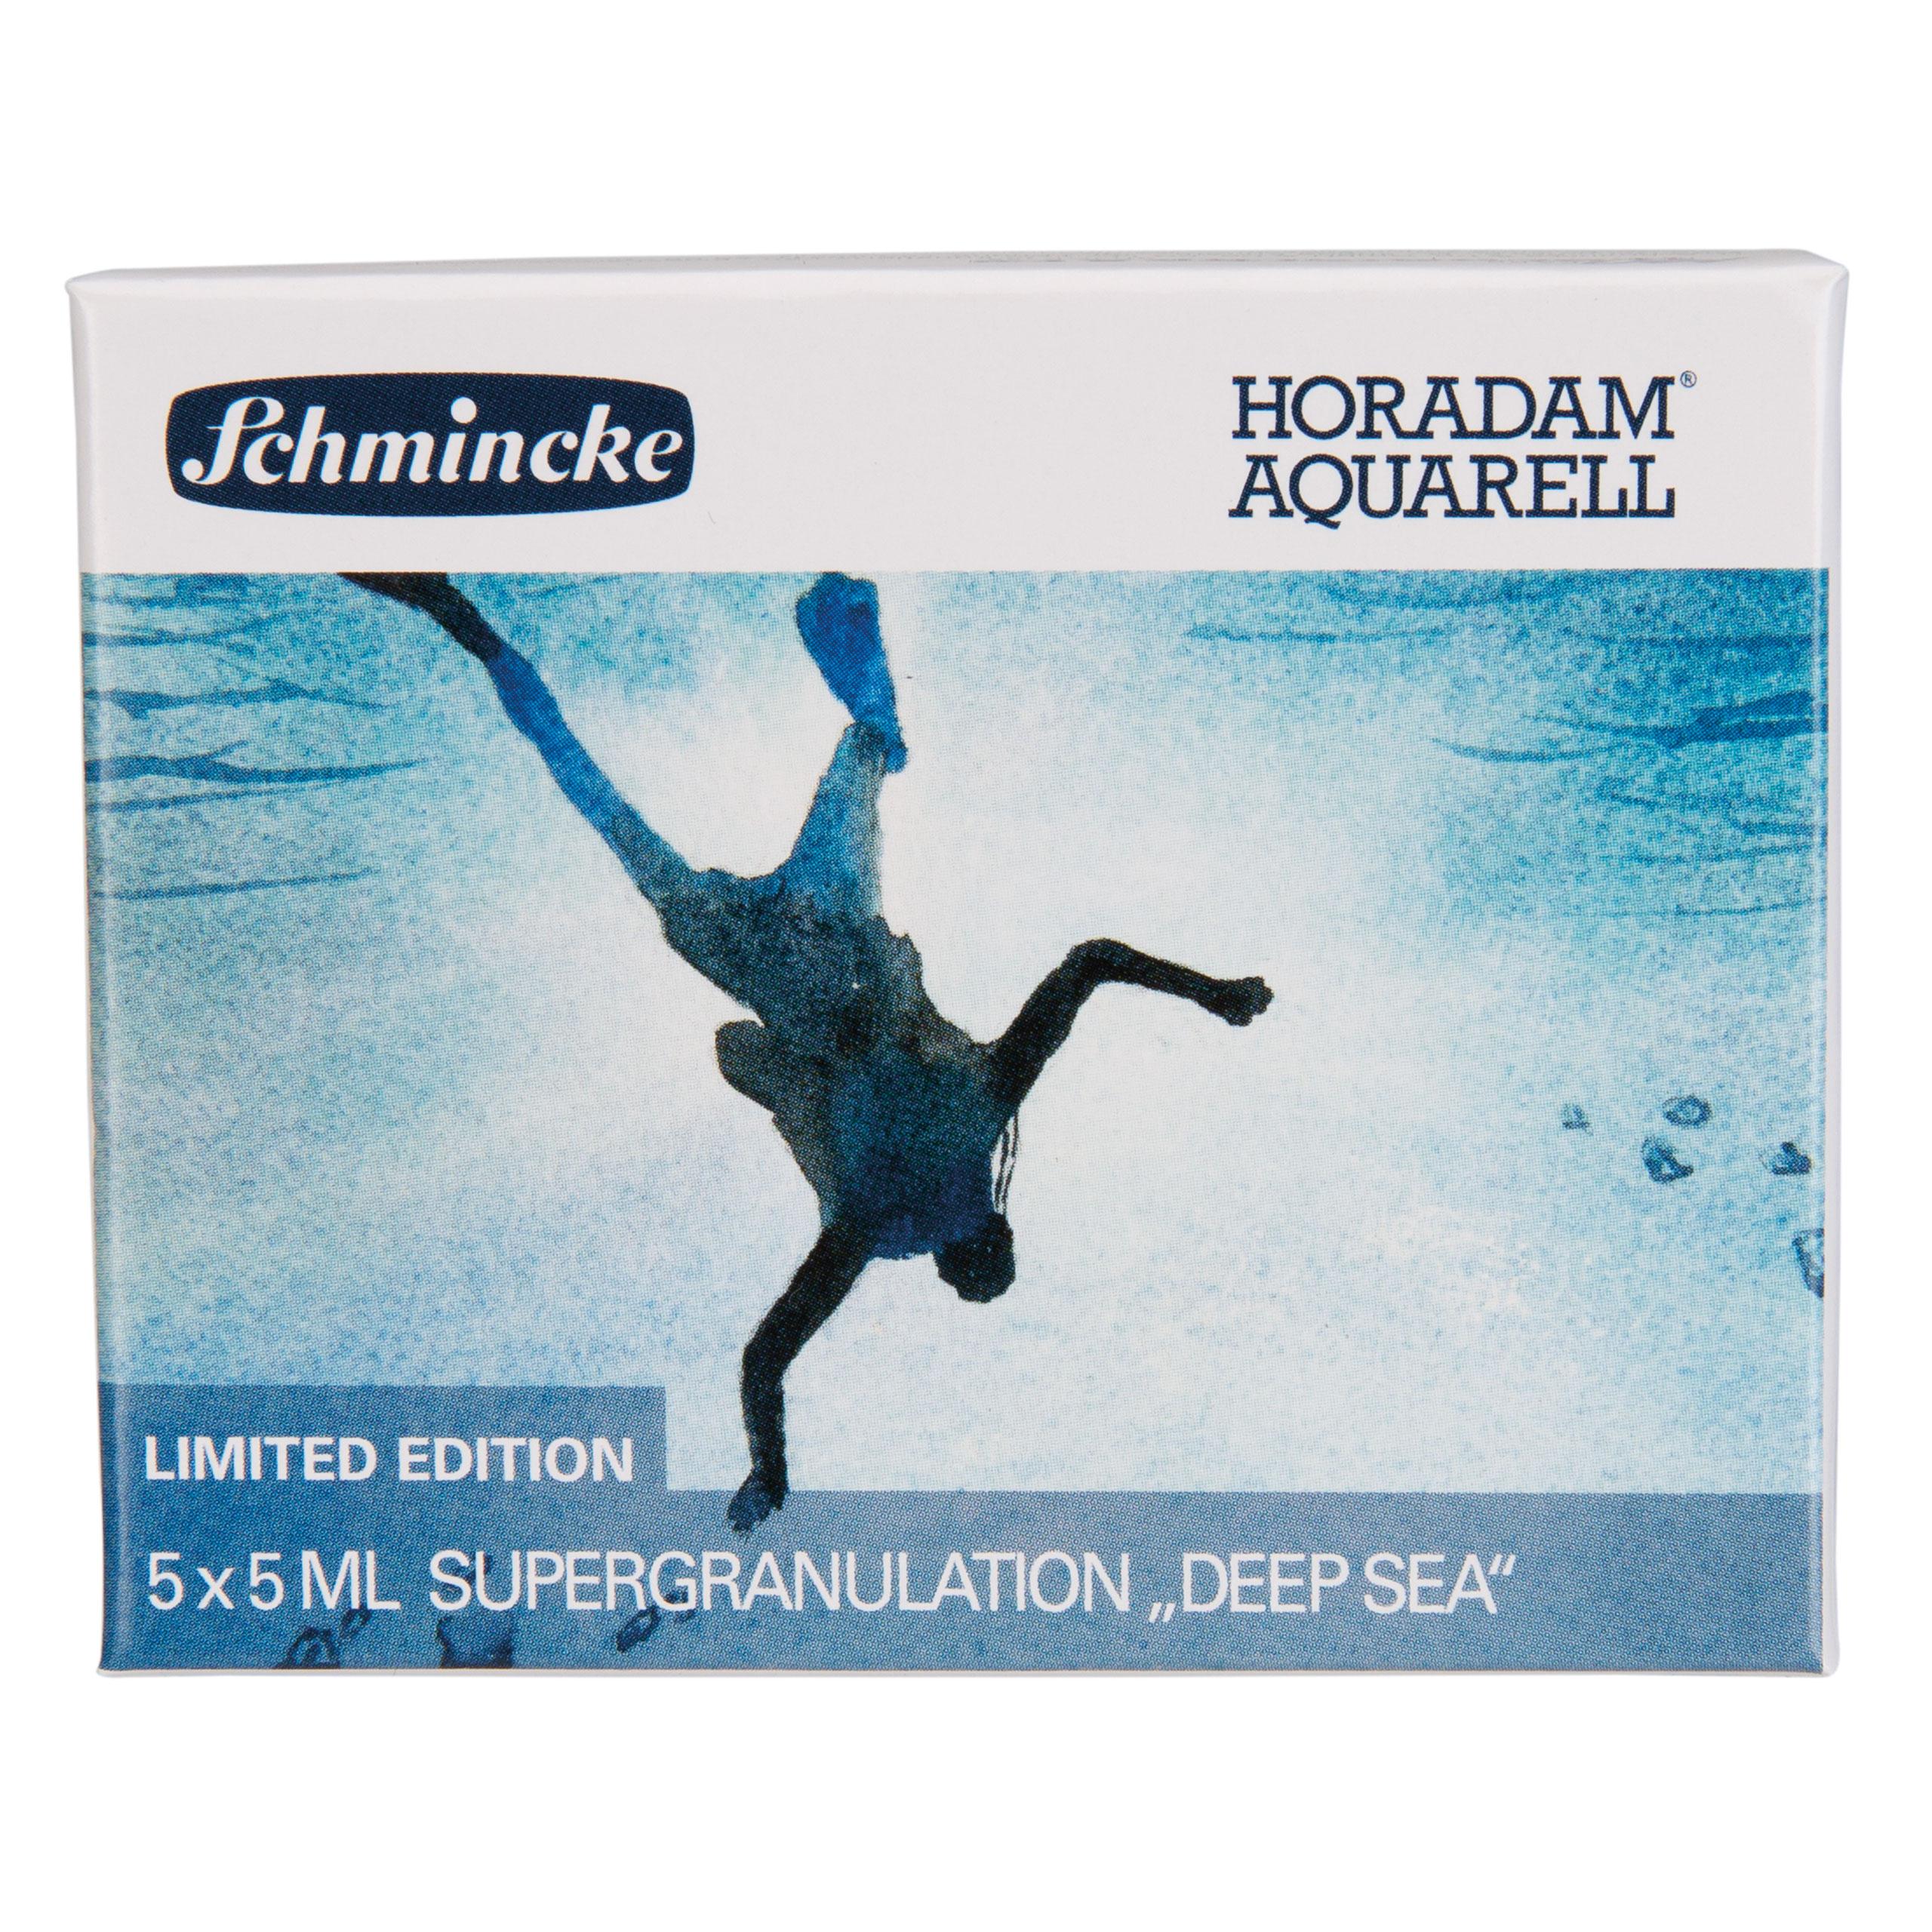 Horadam Aquarellfarbe - Deep Sea - 5 x 5ml Supergranulation Schmincke 74 843 097